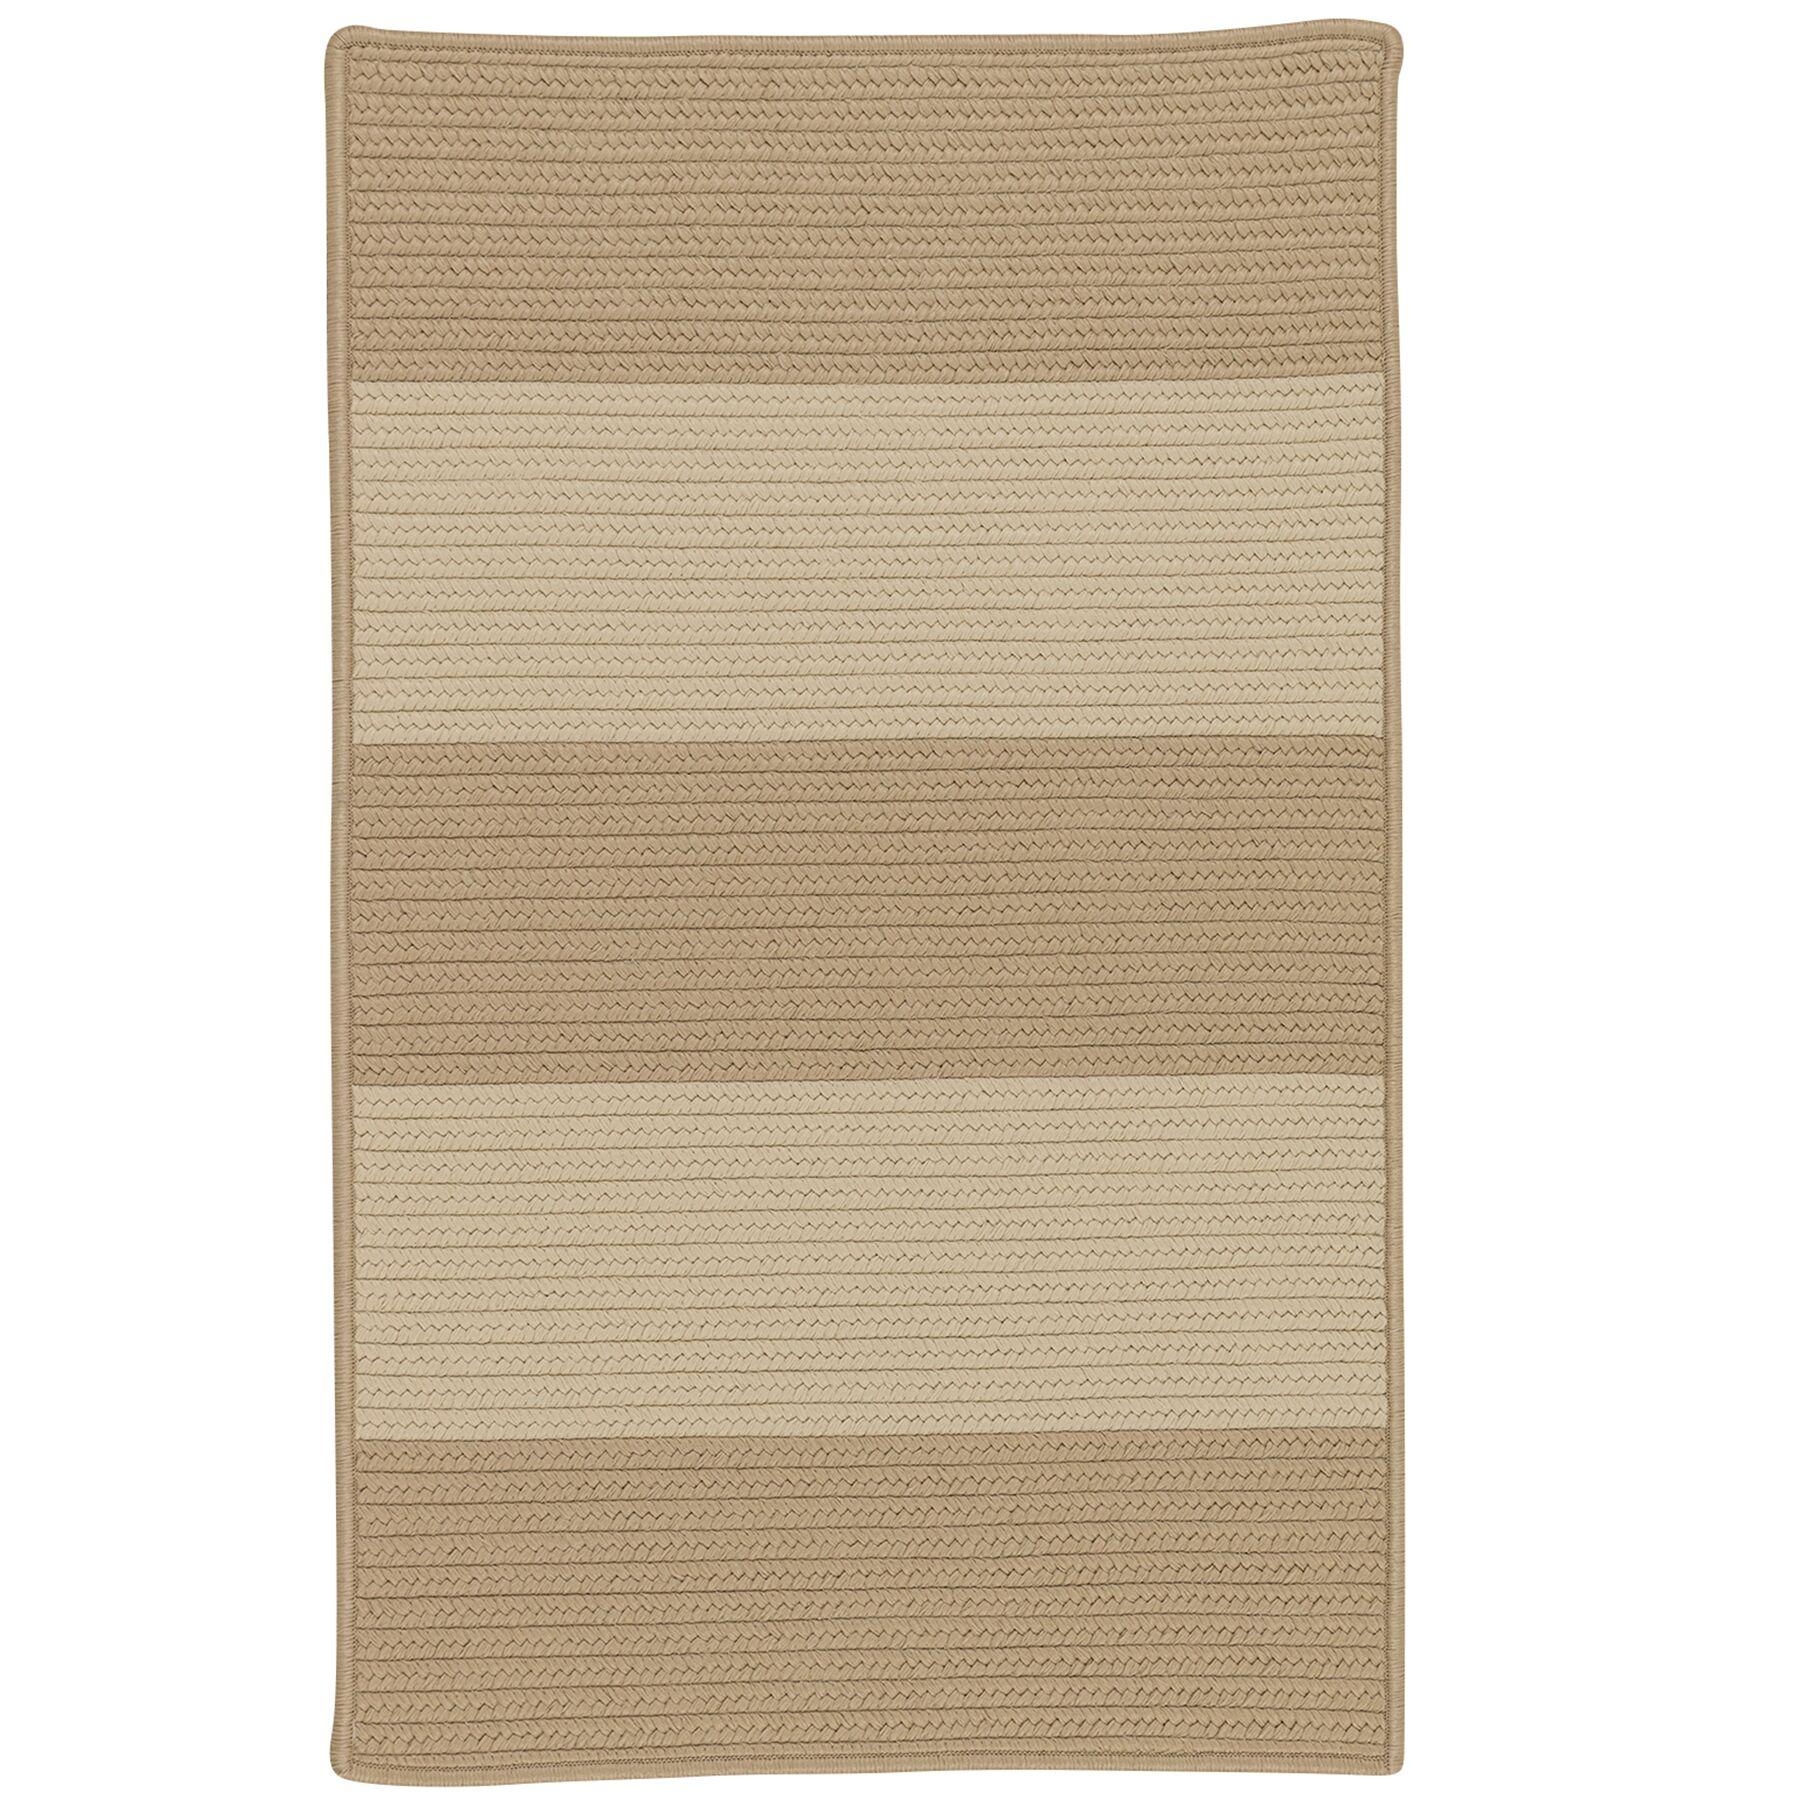 Javen Hand-Braided Brown/Beige Indoor/Outdoor Area Rug Rug Size: Rectangle 10' x 13'